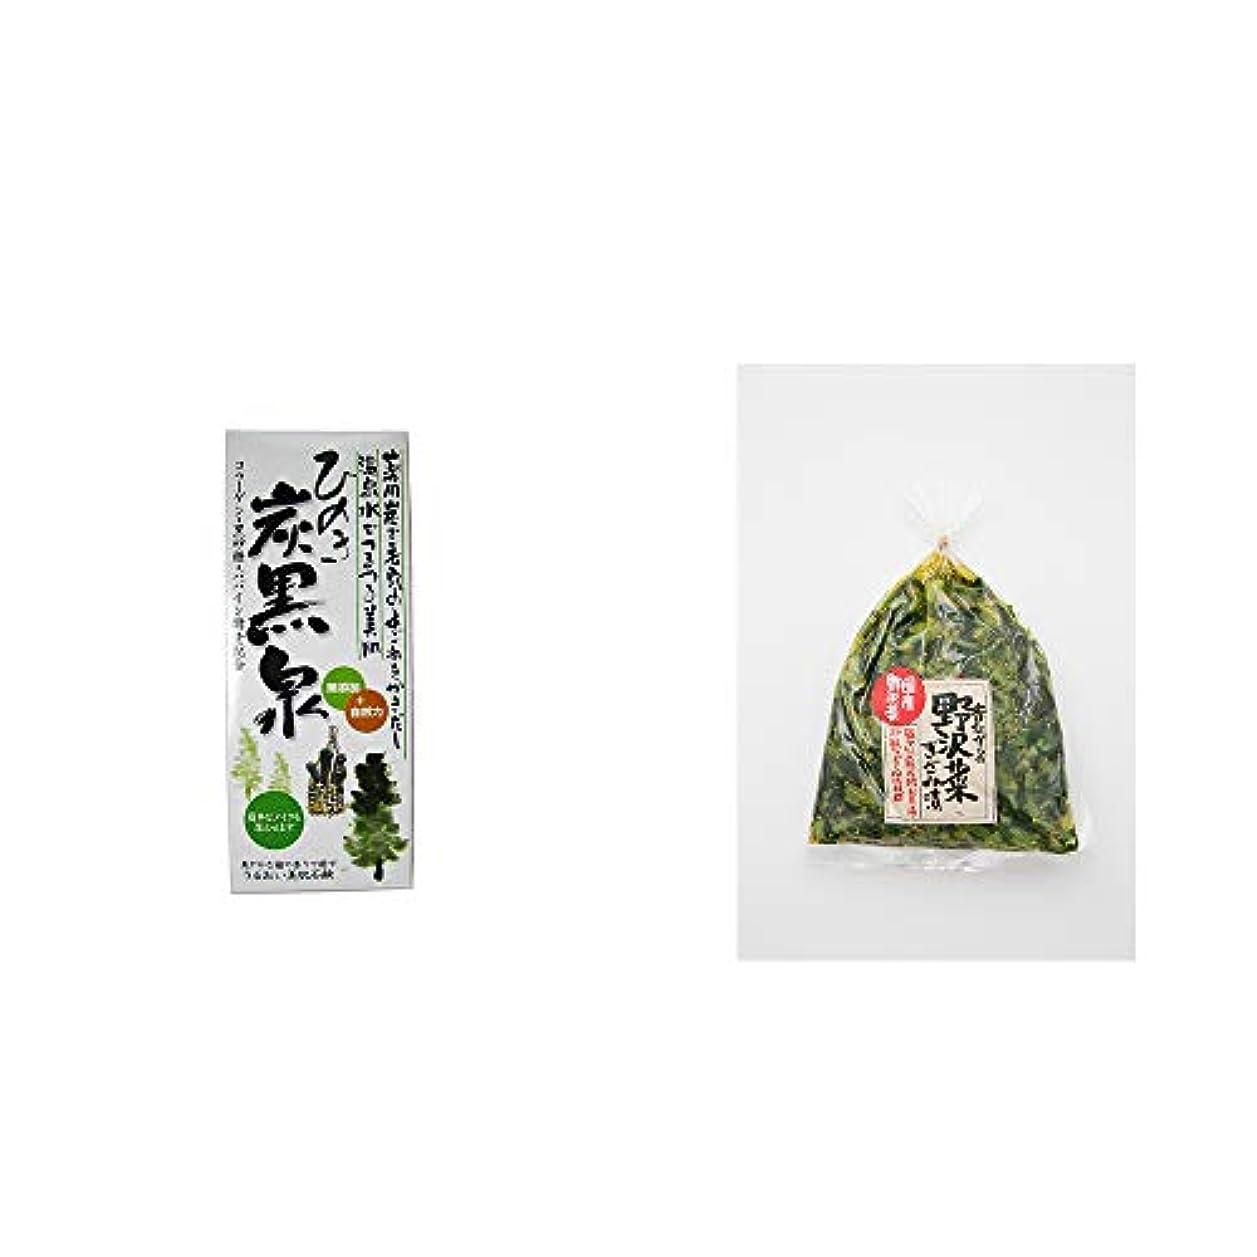 やさしい線ガジュマル[2点セット] ひのき炭黒泉 箱入り(75g×3)?国産 昔ながらの野沢菜きざみ漬け(150g)